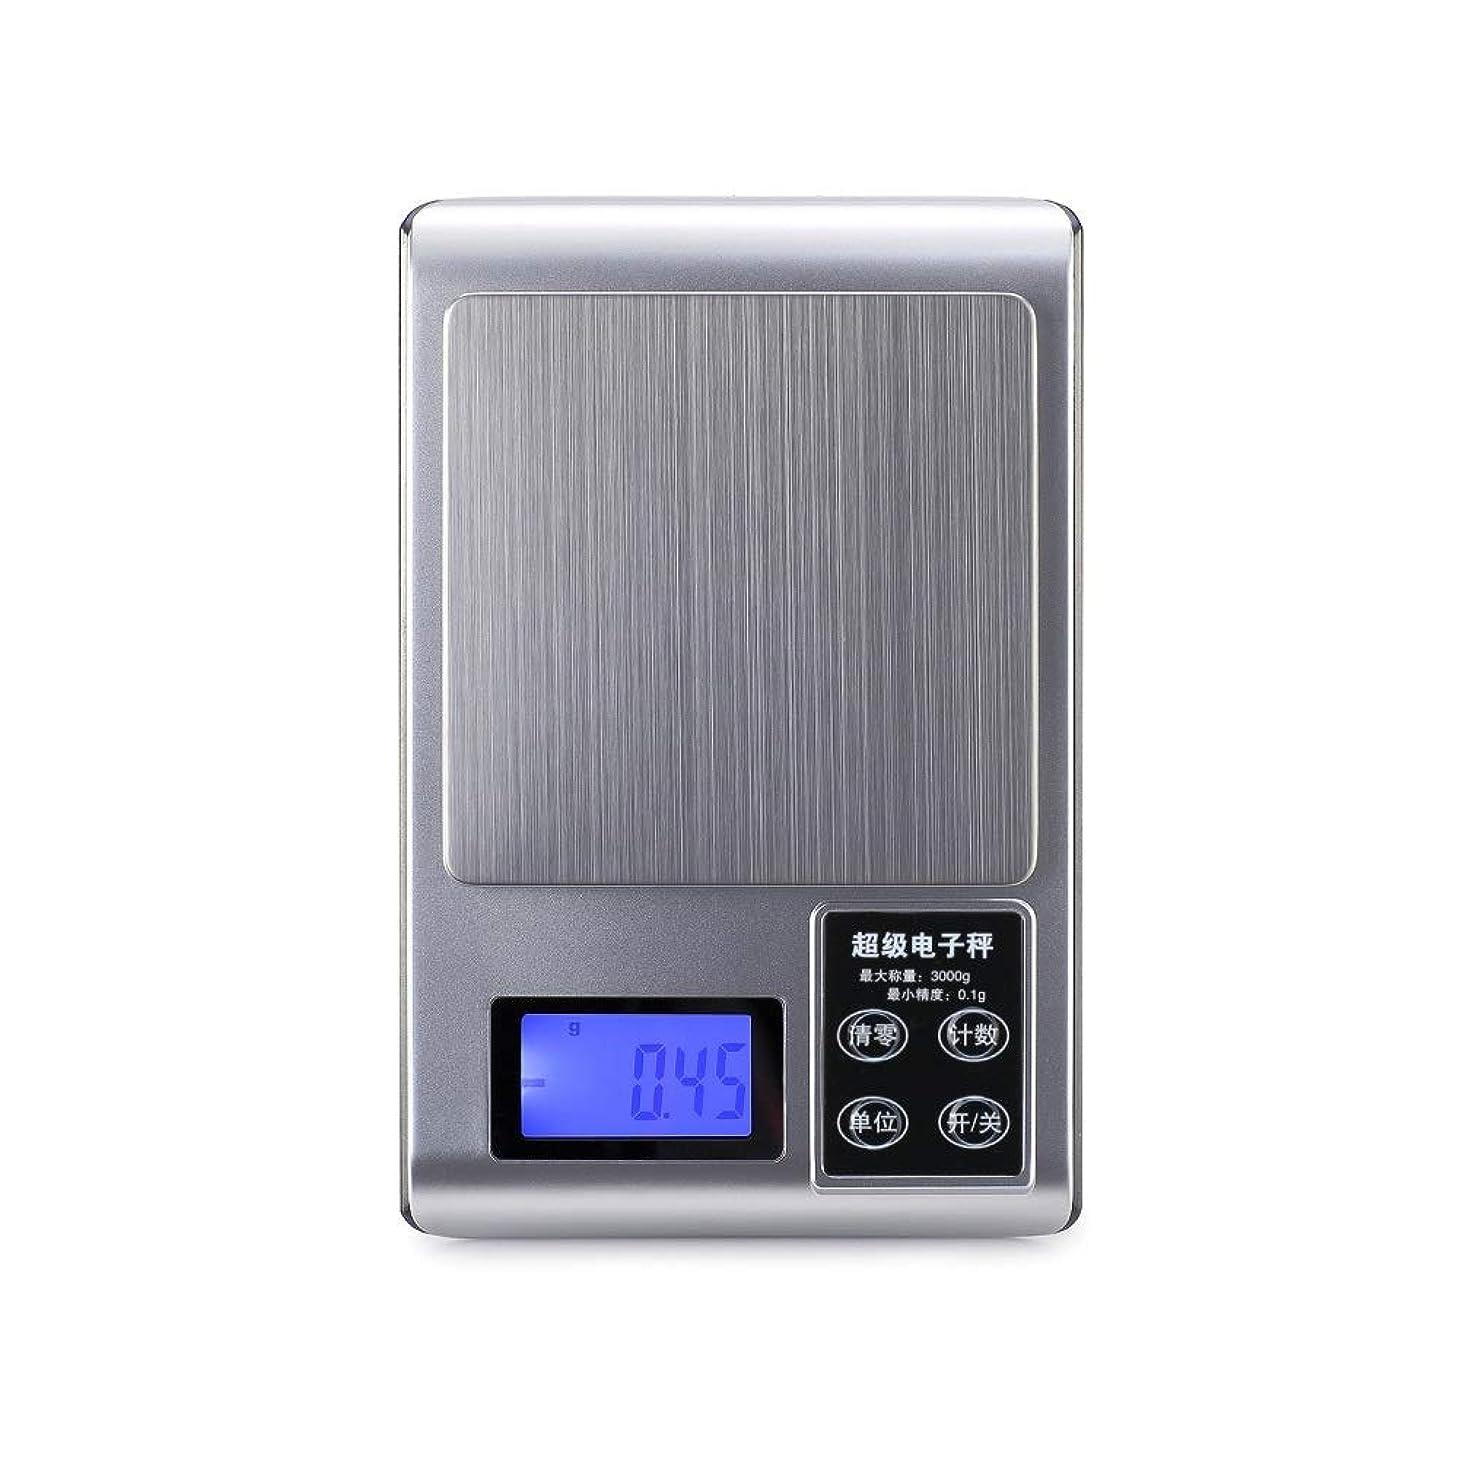 つば始める価値のないXF 体重計?体脂肪計 キッチンスケール - 0.01グラム家庭用小型キッチンベーキング食品計量高精度ミニジュエルスケール薬グラムスケール 測定器 (色 : C)